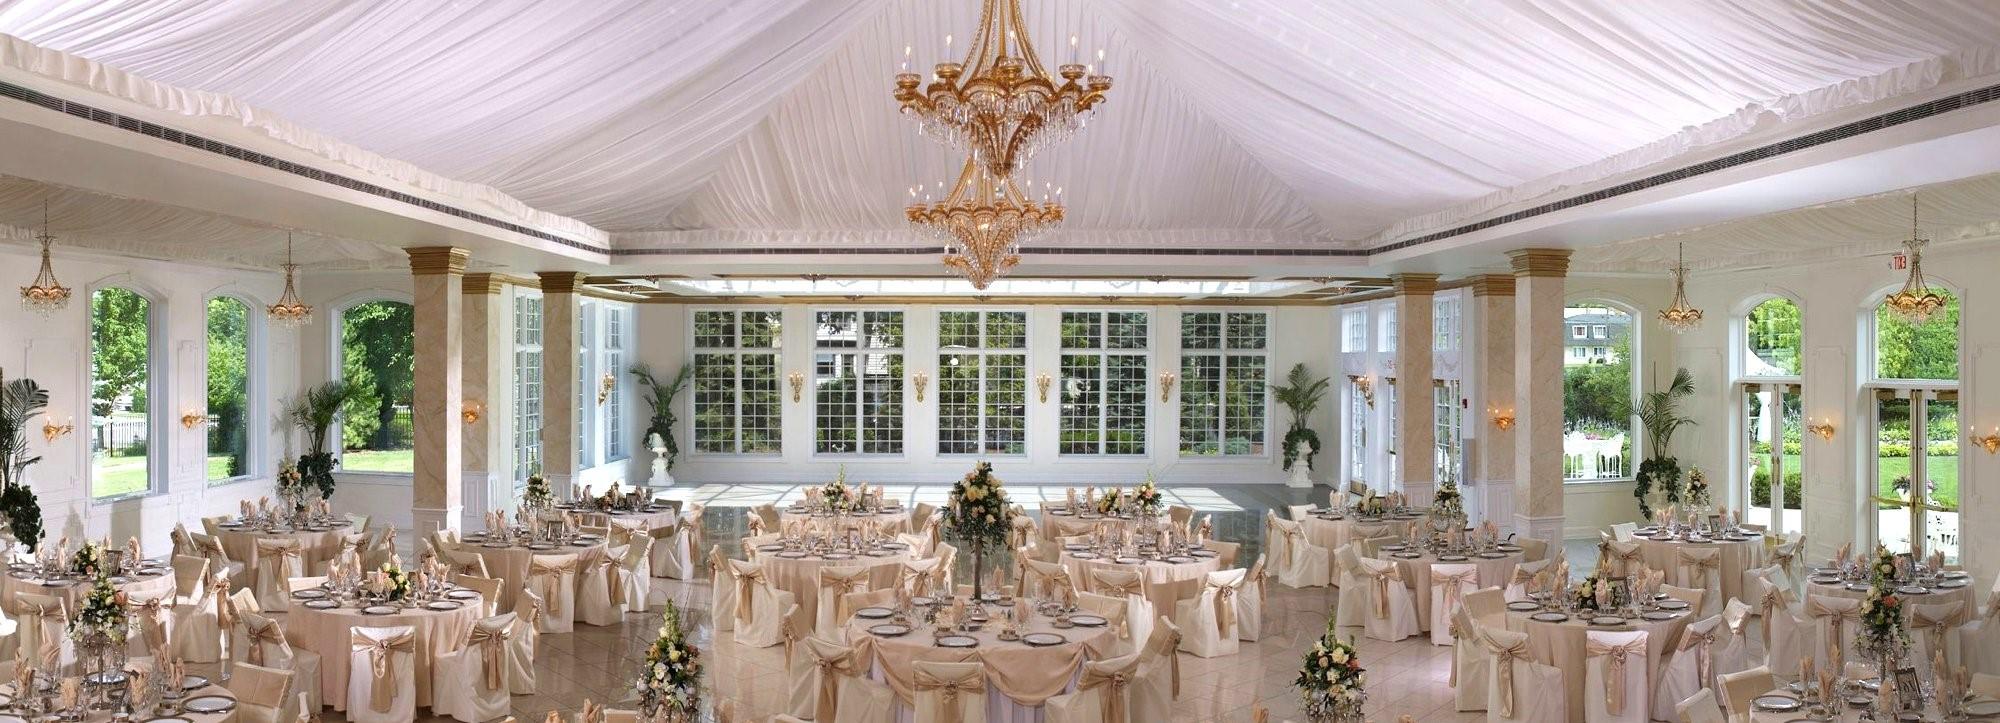 Arrangement de mariage classique et élégant de couleur champagne.